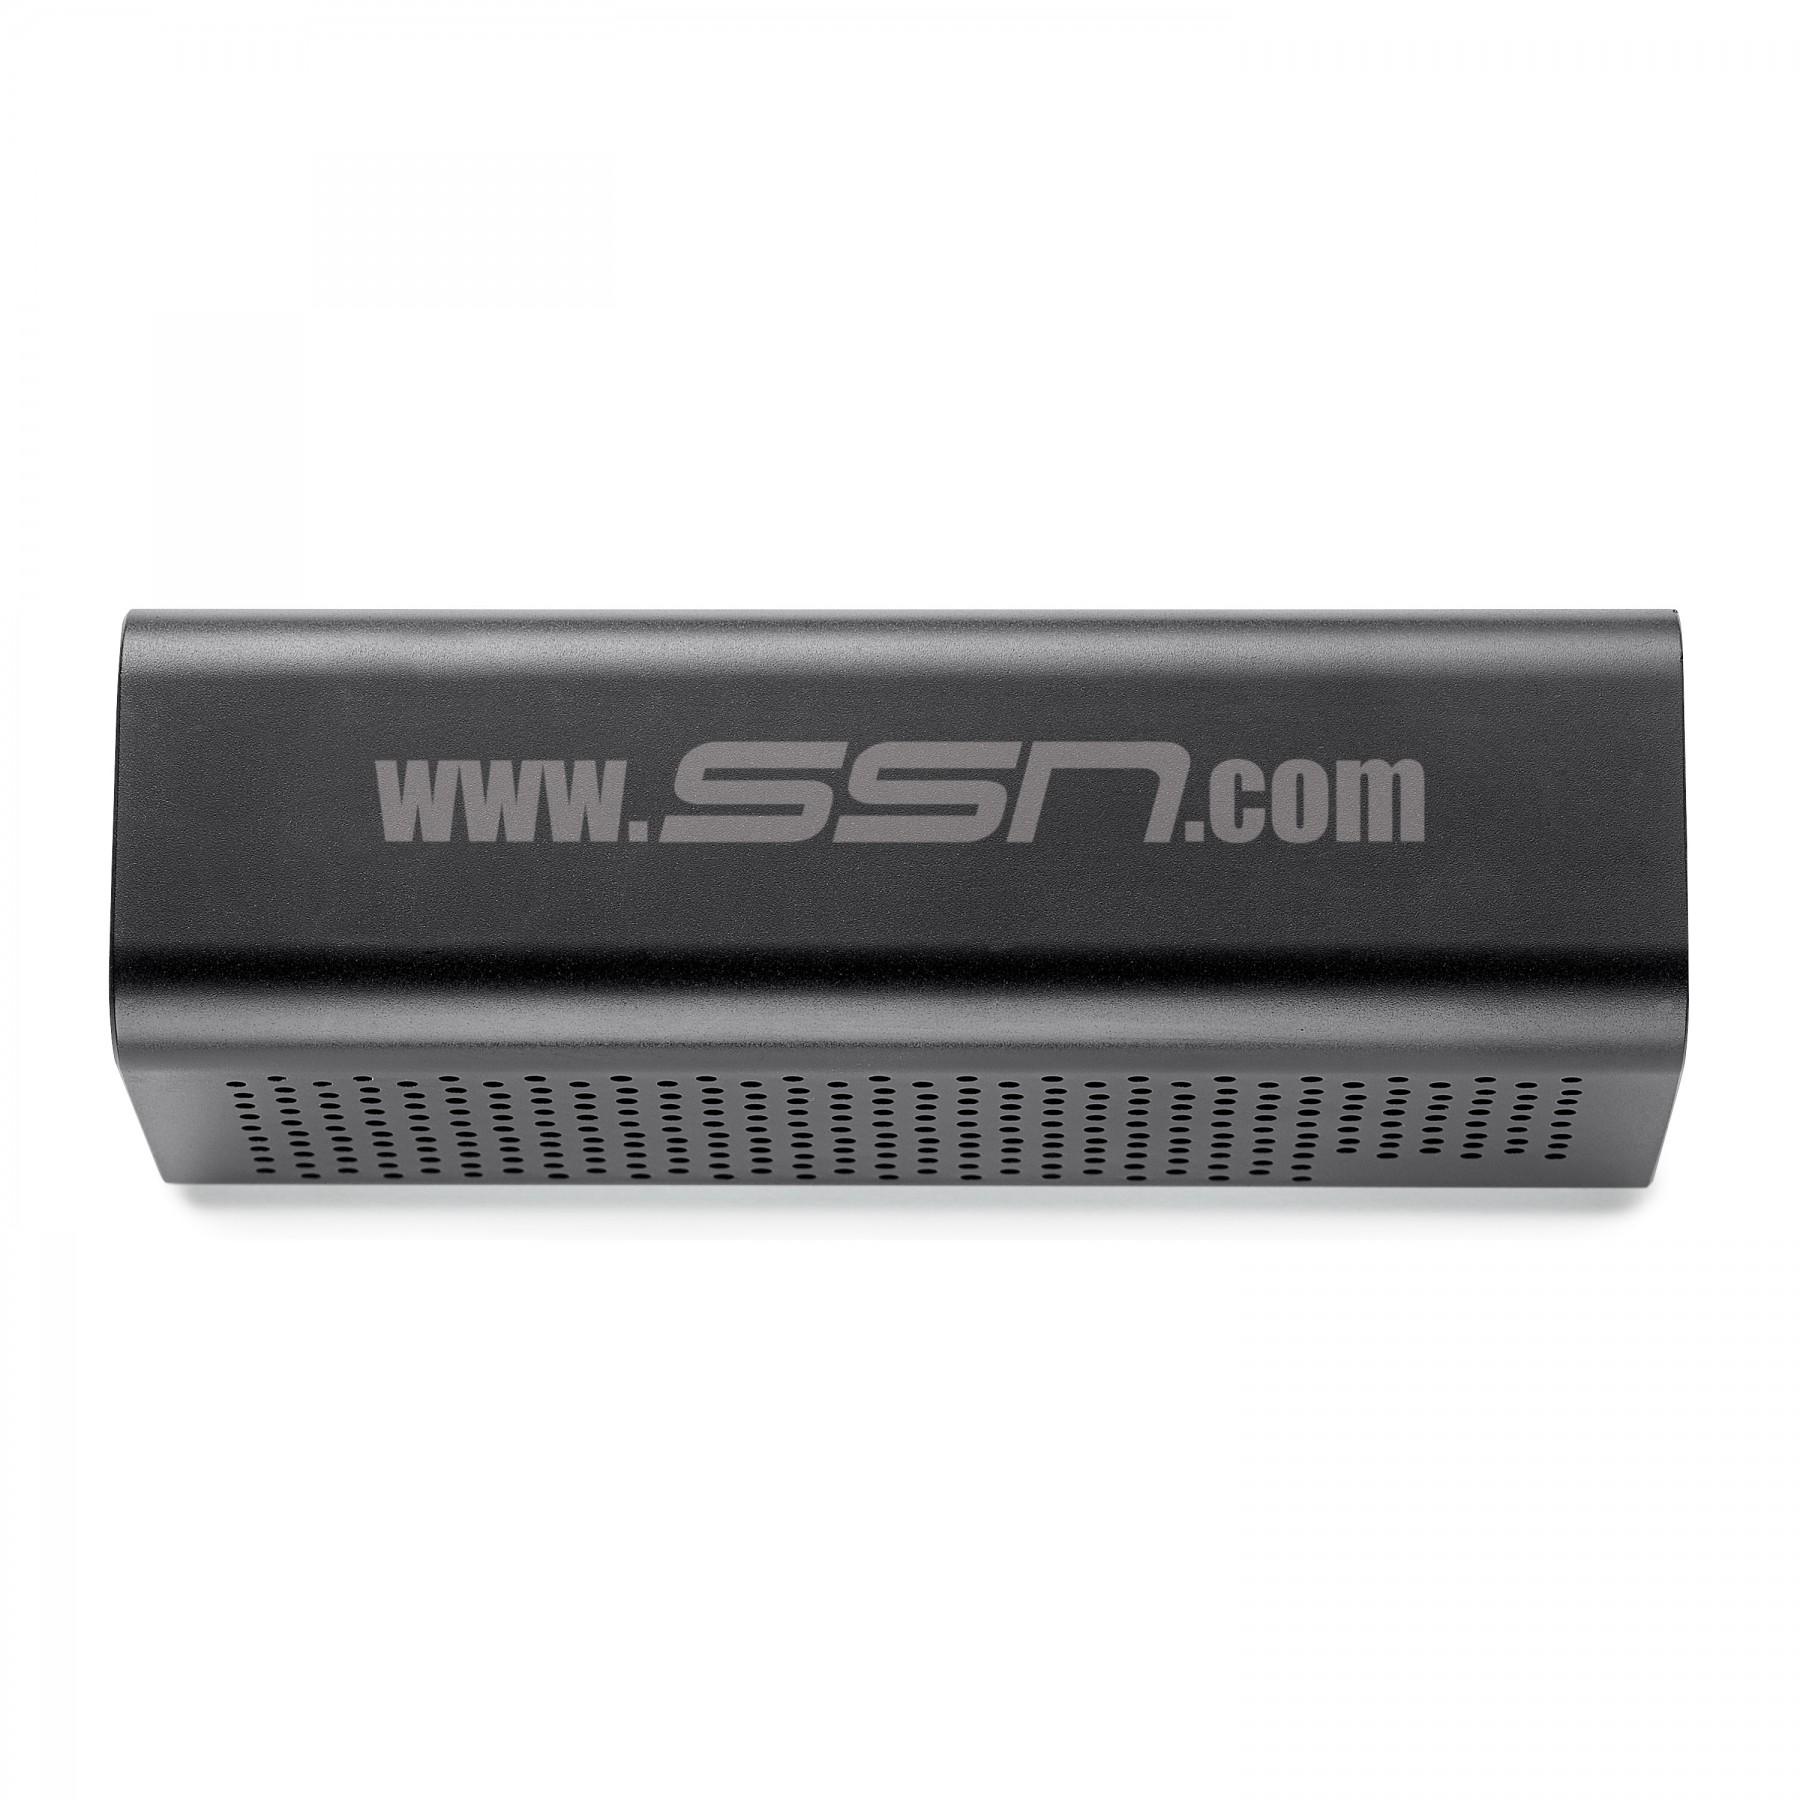 Impact Wireless Stereo Speaker, T242, Laser Engraved